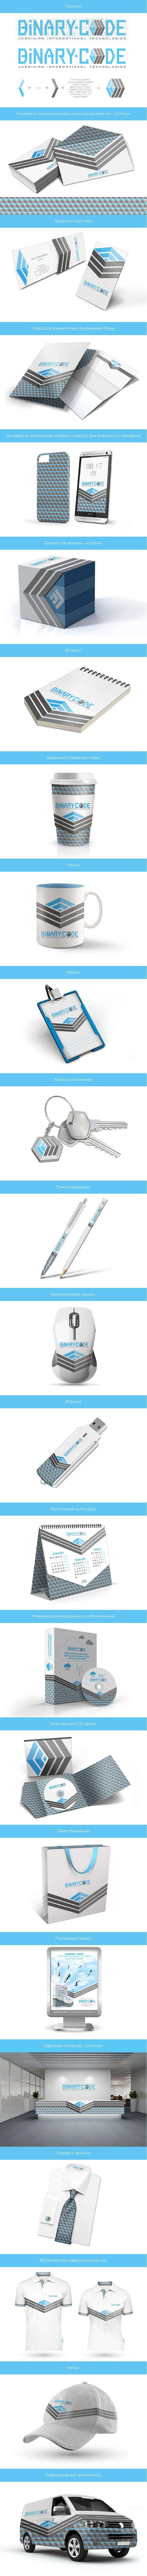 Клиент: Информационные технологии «BINARY-CODE» Проект: Дизайн логотипа и разработка корпоративного стиля О клиенте: Основное направление компании «BINARY-CODE» - это разработка программного обеспечения для бизнеса.  Детальнее об этом проекте смотрите в моем портфолио: www.iradesign.biz